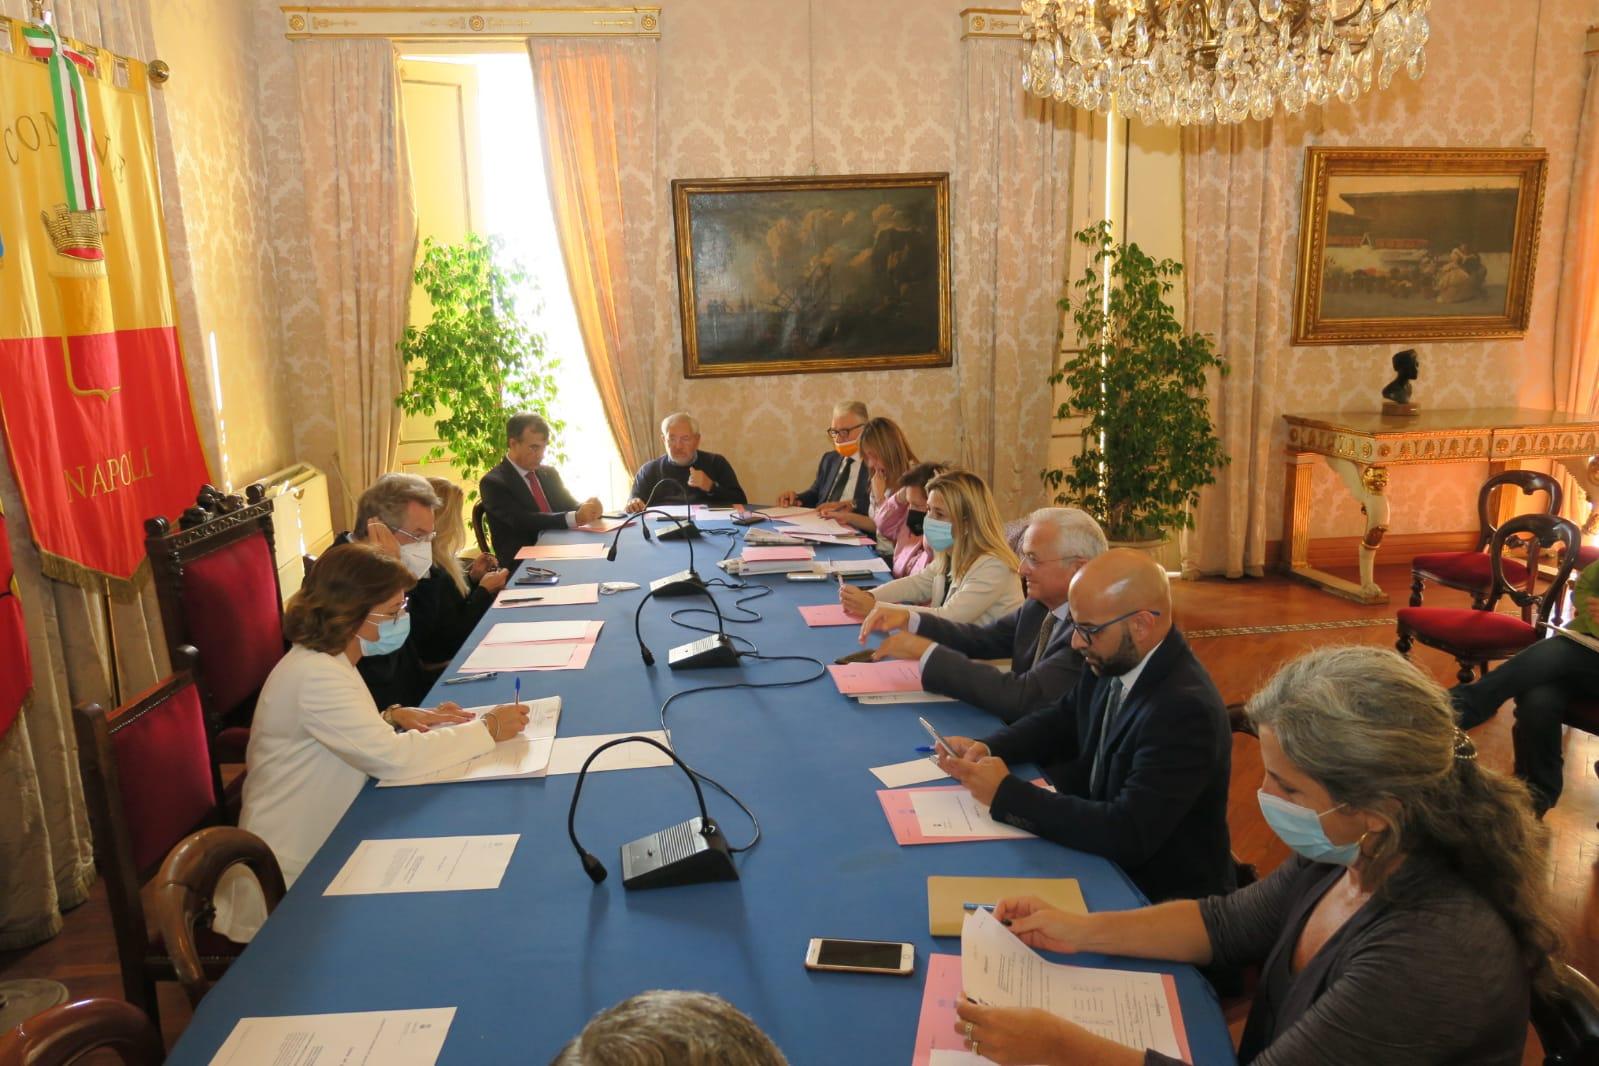 Napoli, rinnovato contratto per 142 agenti polizia municipale